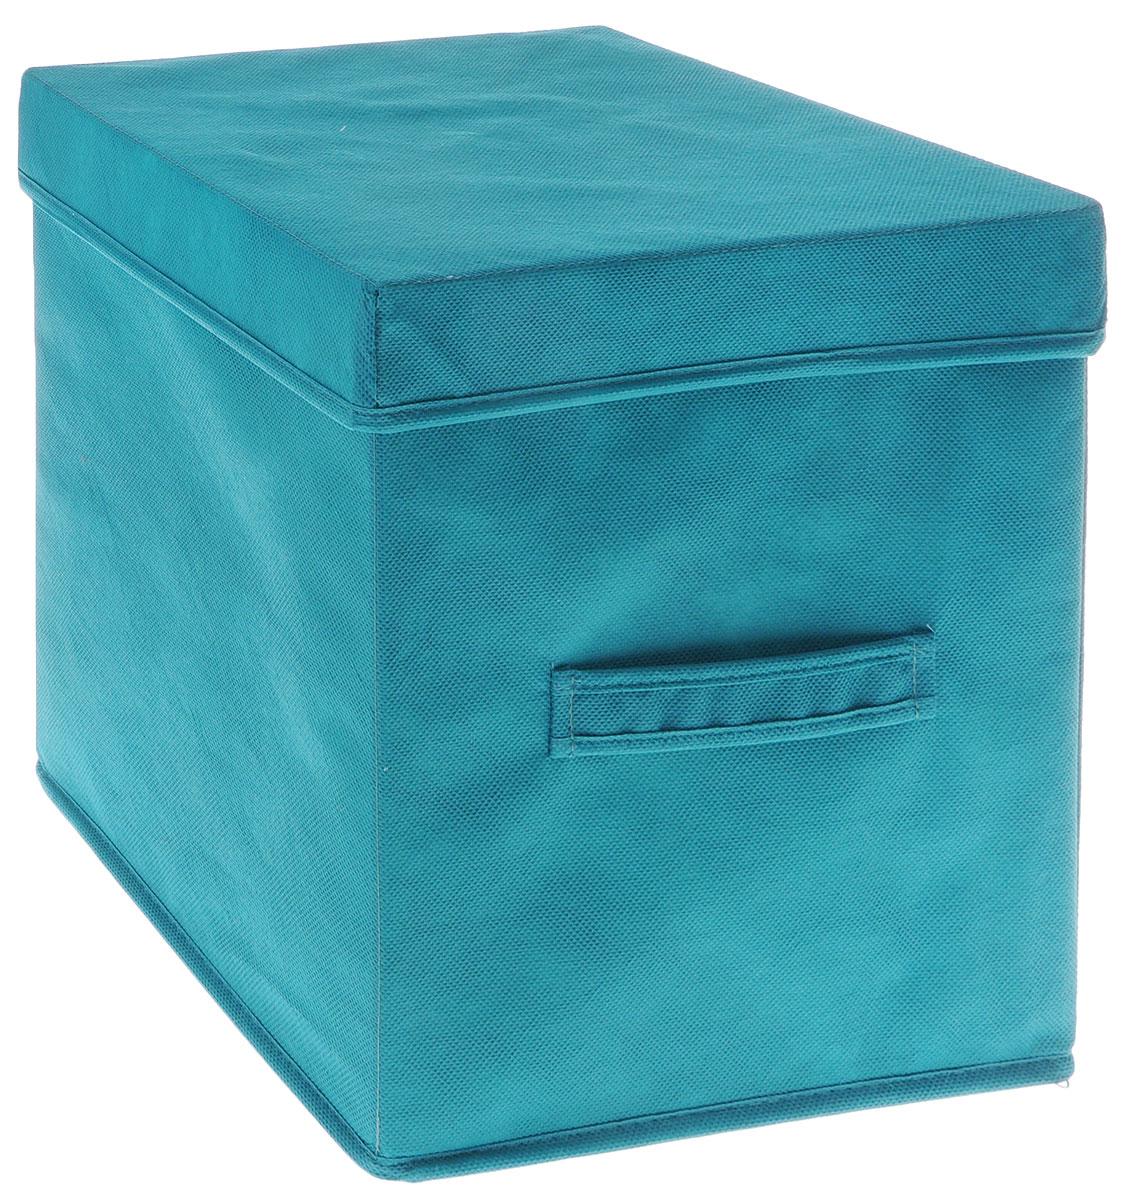 Коробка для вещей и игрушек Все на местах Minimalistic, с крышкой, цвет: бирюзовый, 30 х 30 х 30 смCLP446Коробка с крышкой Minimalistic выполнена из высококачественного нетканого материала, который обеспечивает естественную вентиляцию и предназначен для хранения вещей или игрушек.Он защитит вещи от повреждений, пыли, влаги и загрязнений во время хранения и транспортировки. Размер коробки: 30 х 30 х 30 см.